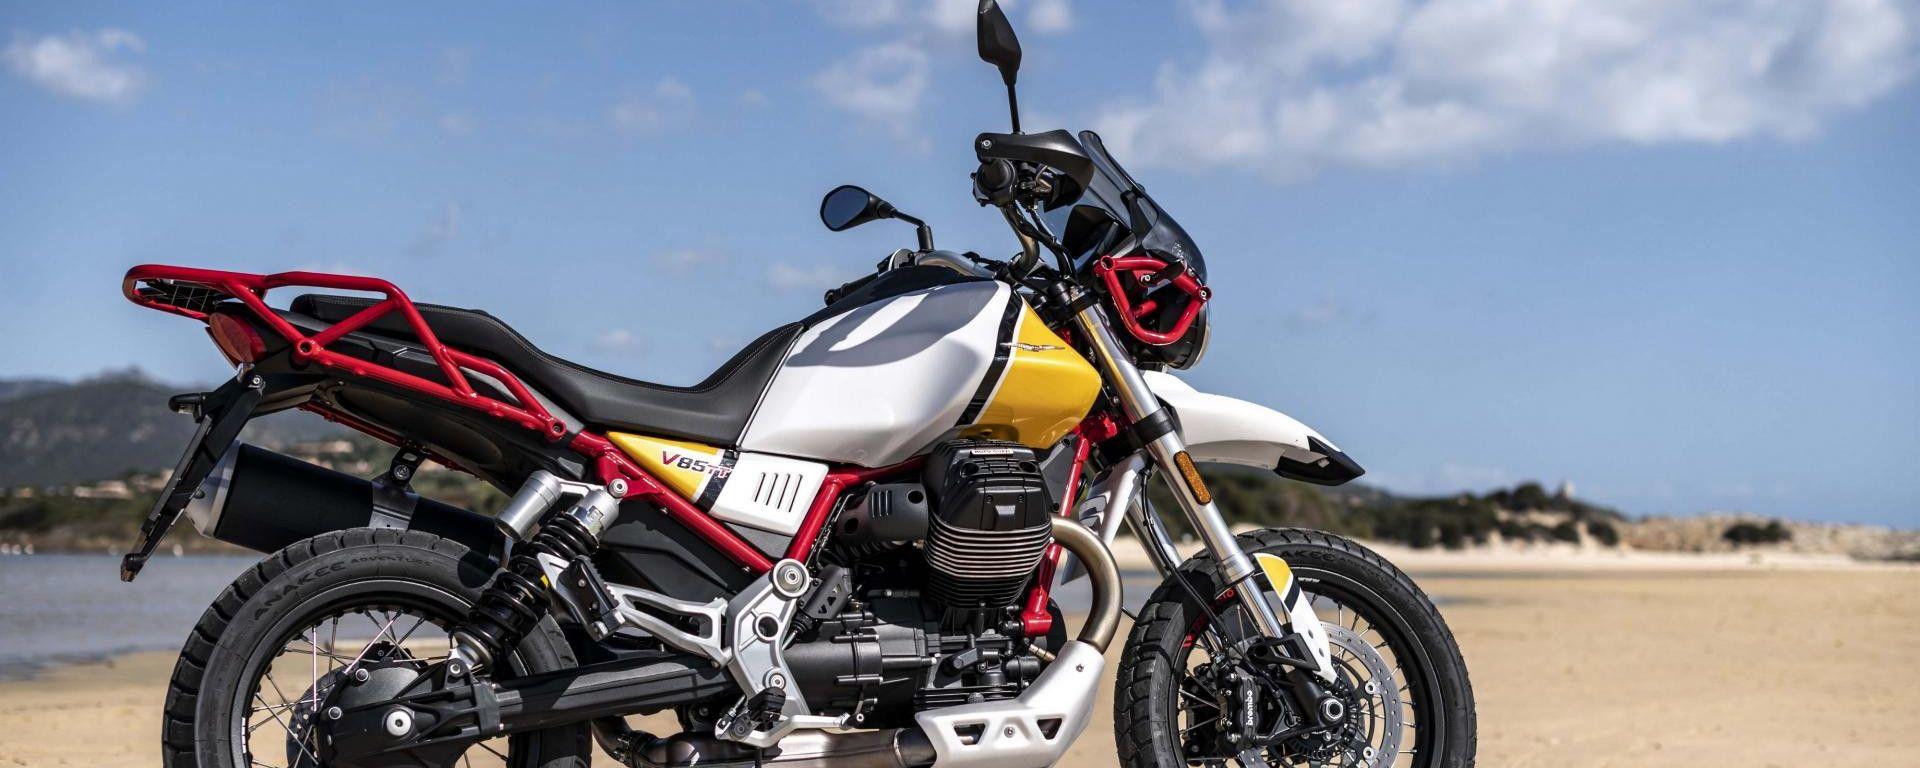 Moto Guzzi V85 TT: la crossover italiana con una vivace colorazione gialla/bianca